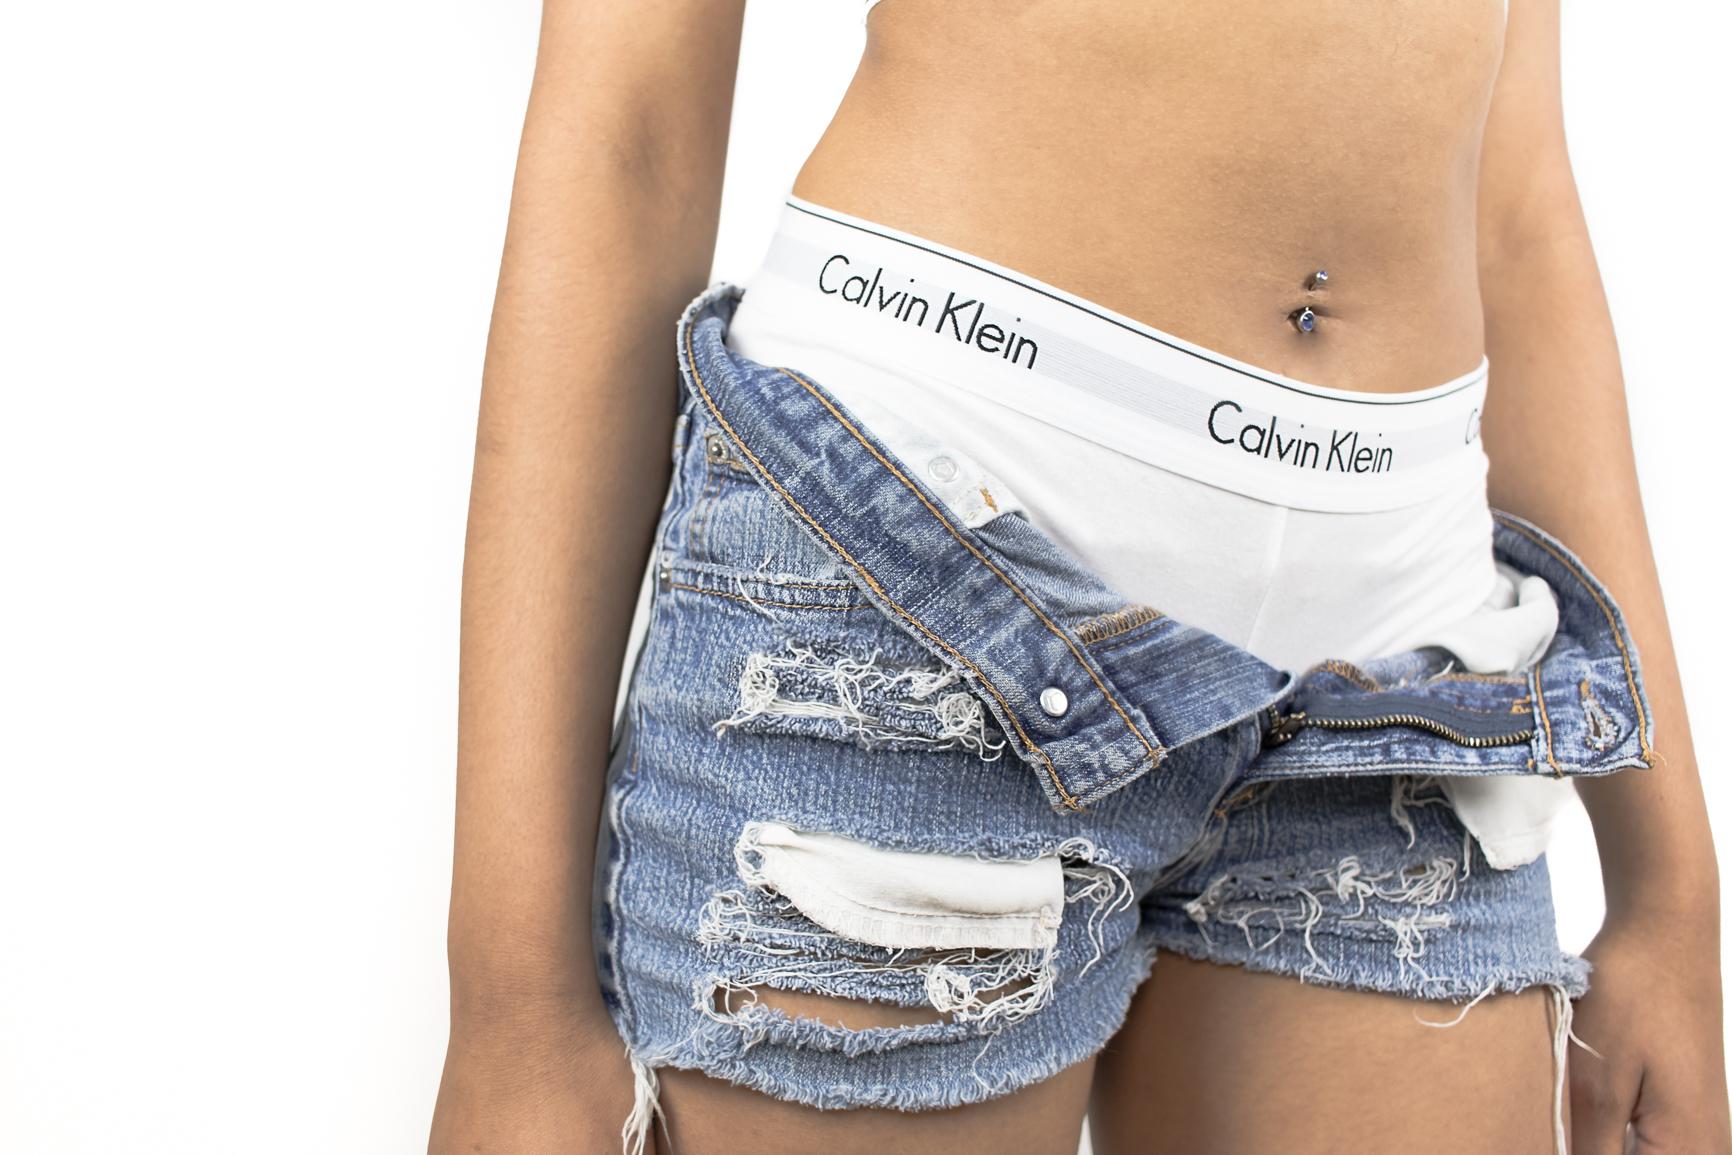 Calvin Klein briefs